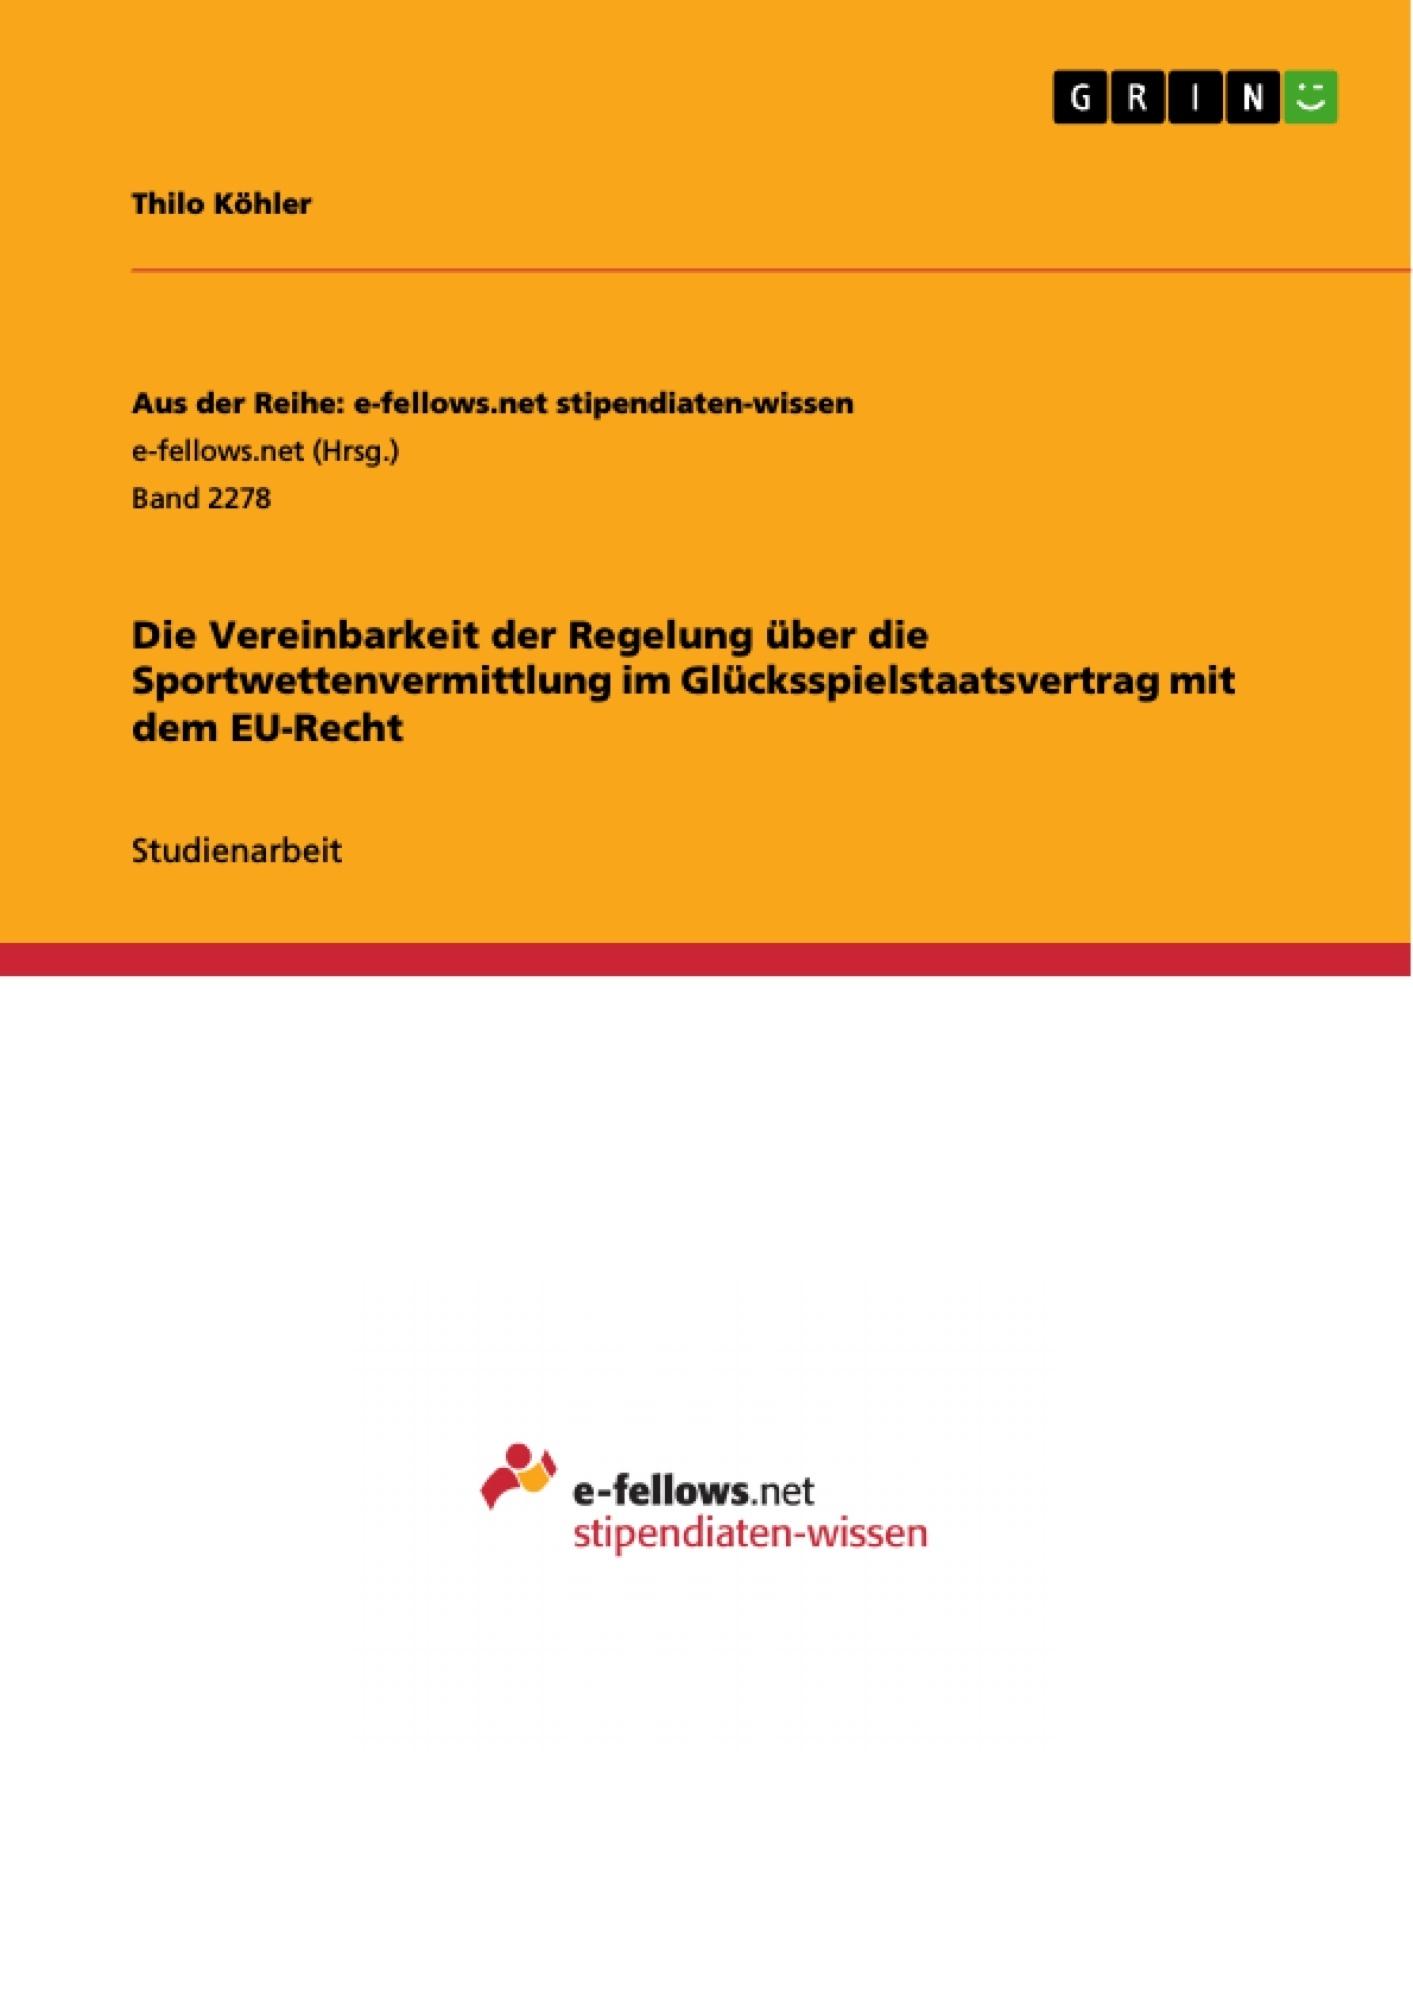 Titel: Die Vereinbarkeit der Regelung über die Sportwettenvermittlung im Glücksspielstaatsvertrag mit dem EU-Recht